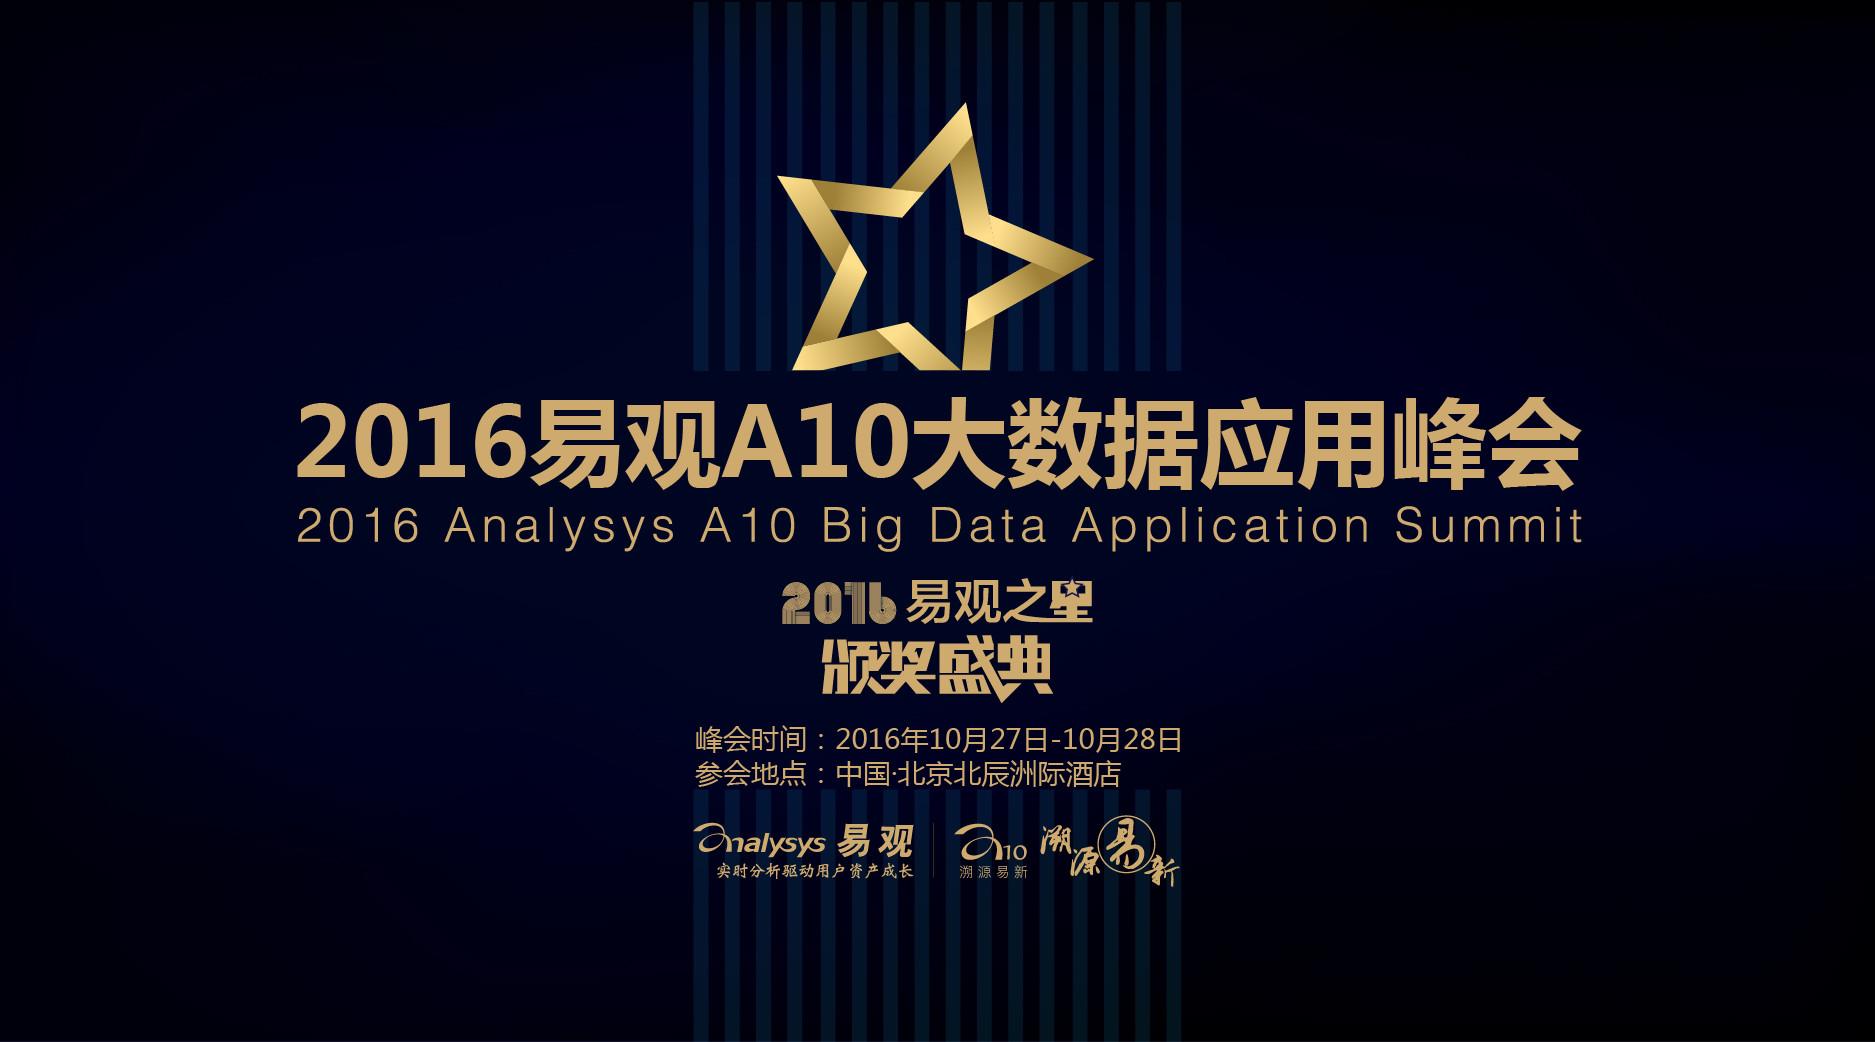 来易观A10峰会,听咕咚申波如何利用大数据玩转体育!